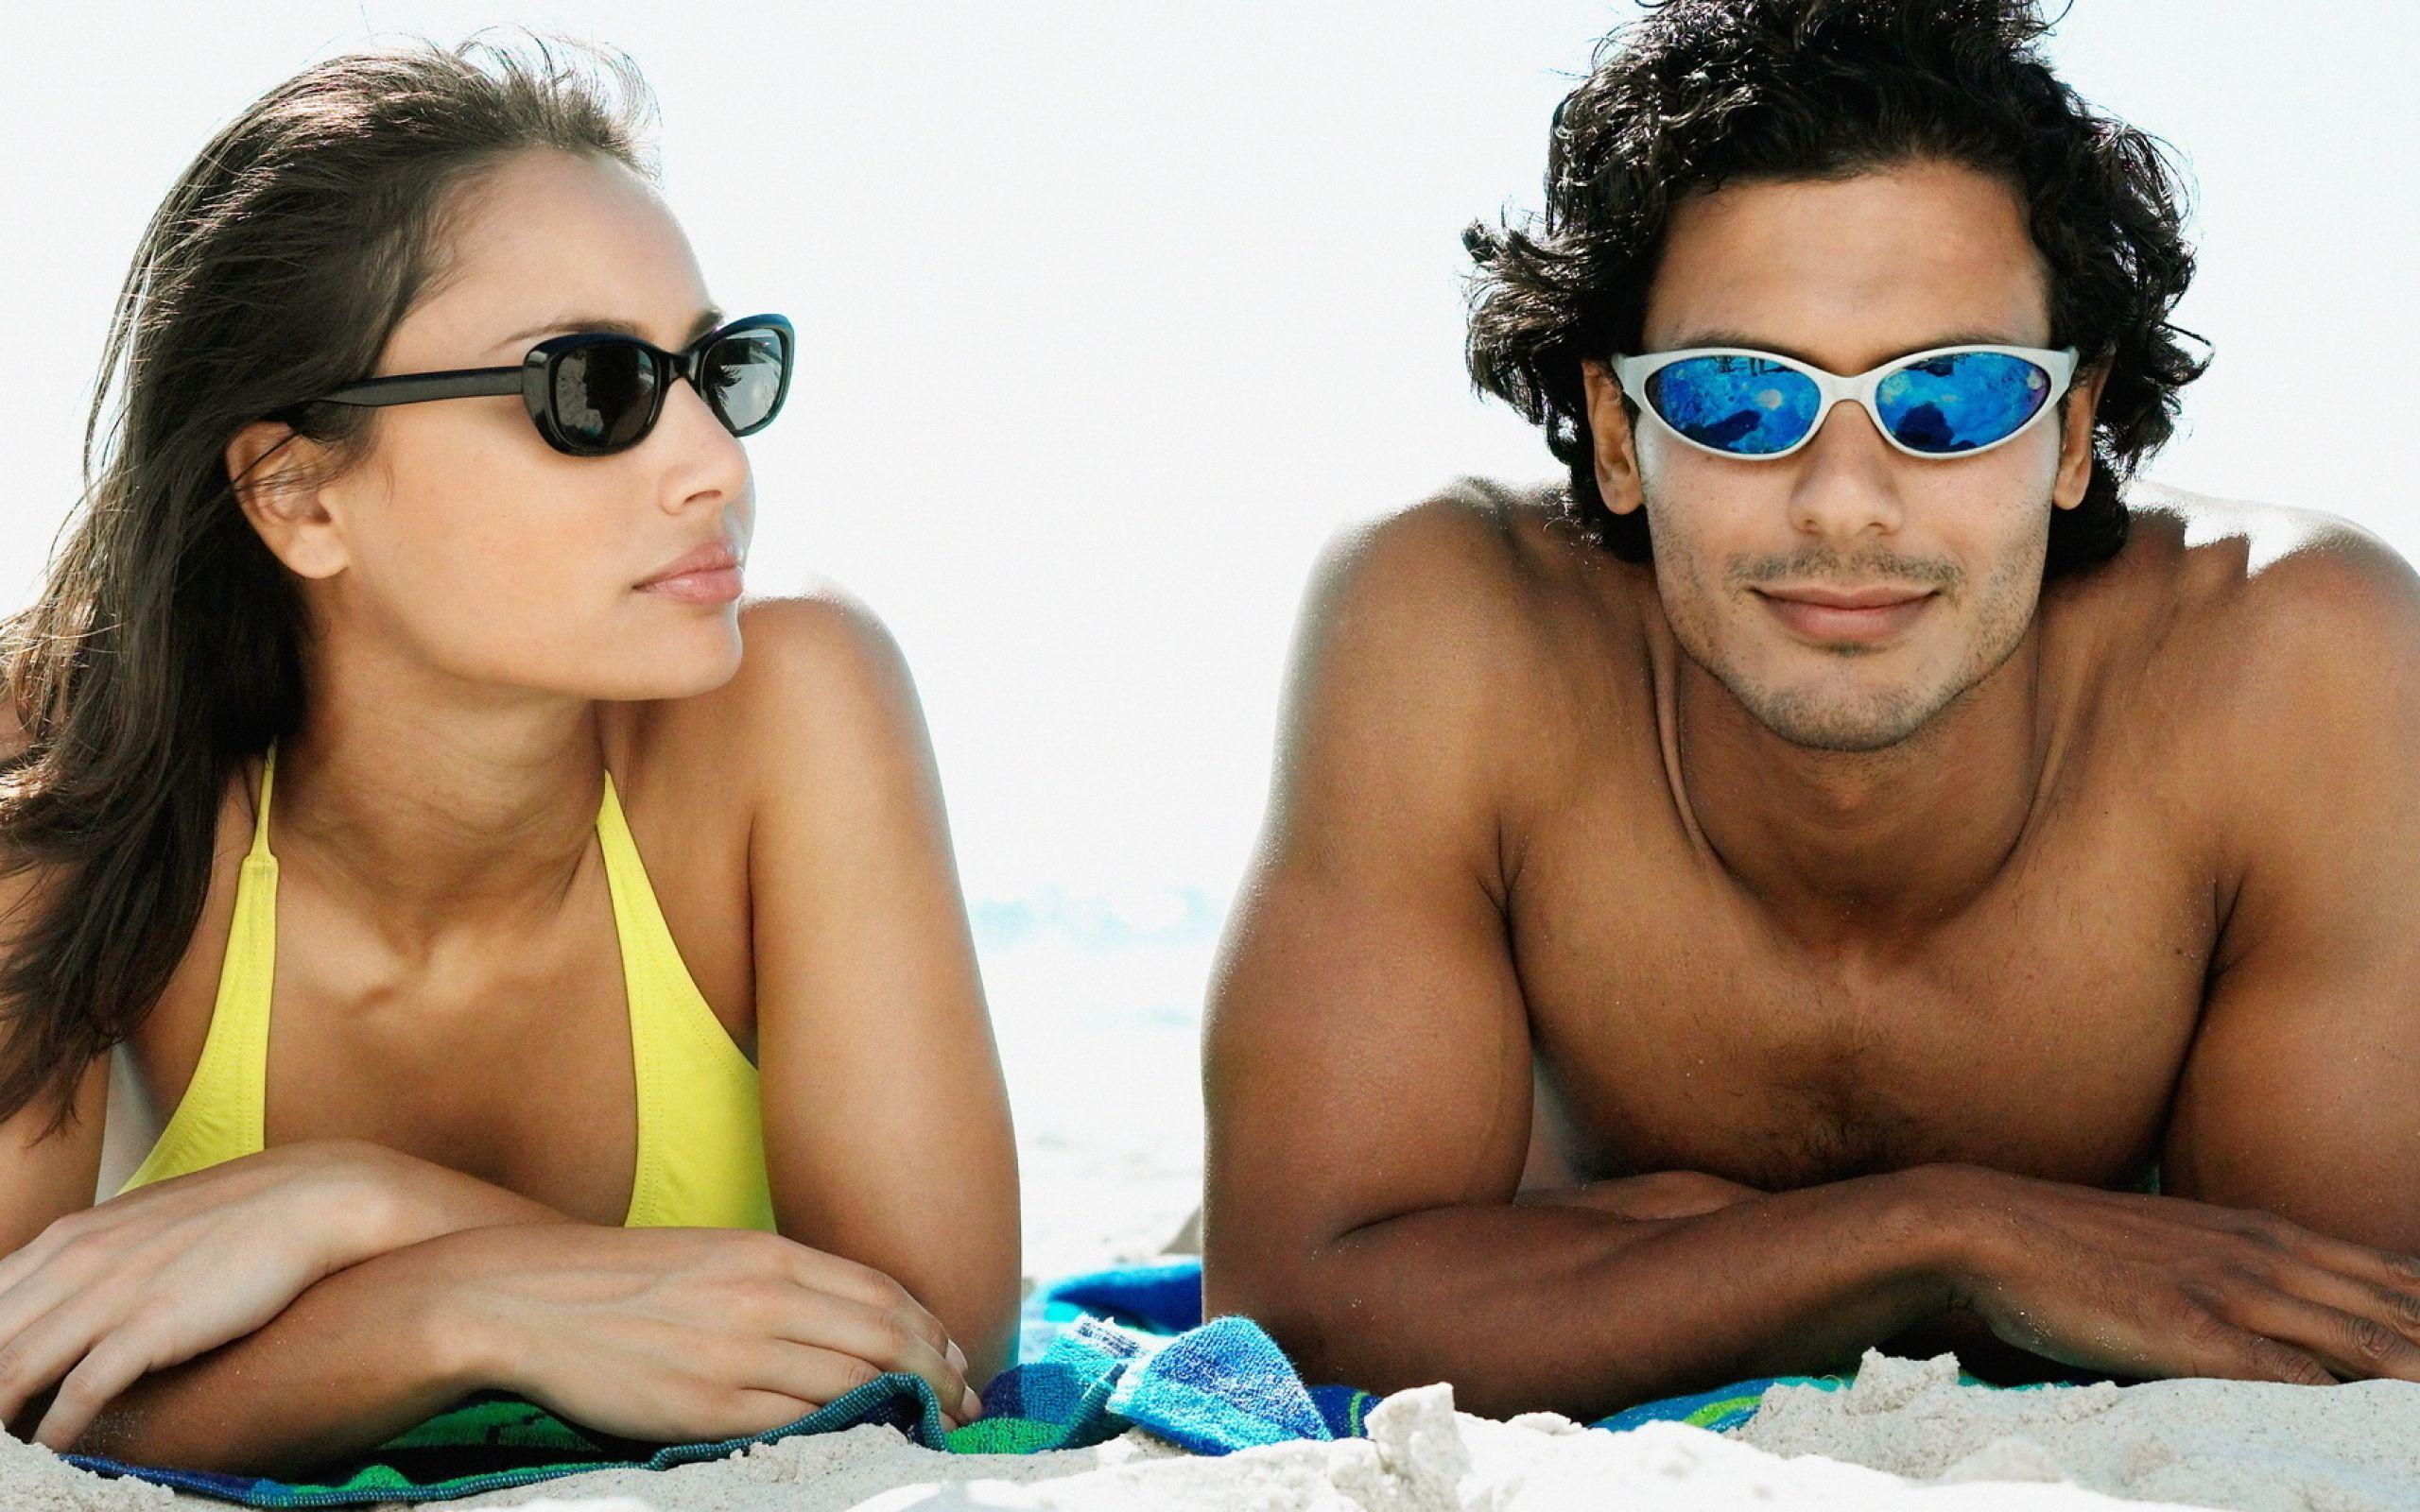 Юноши и девушки на пляже 10 фотография